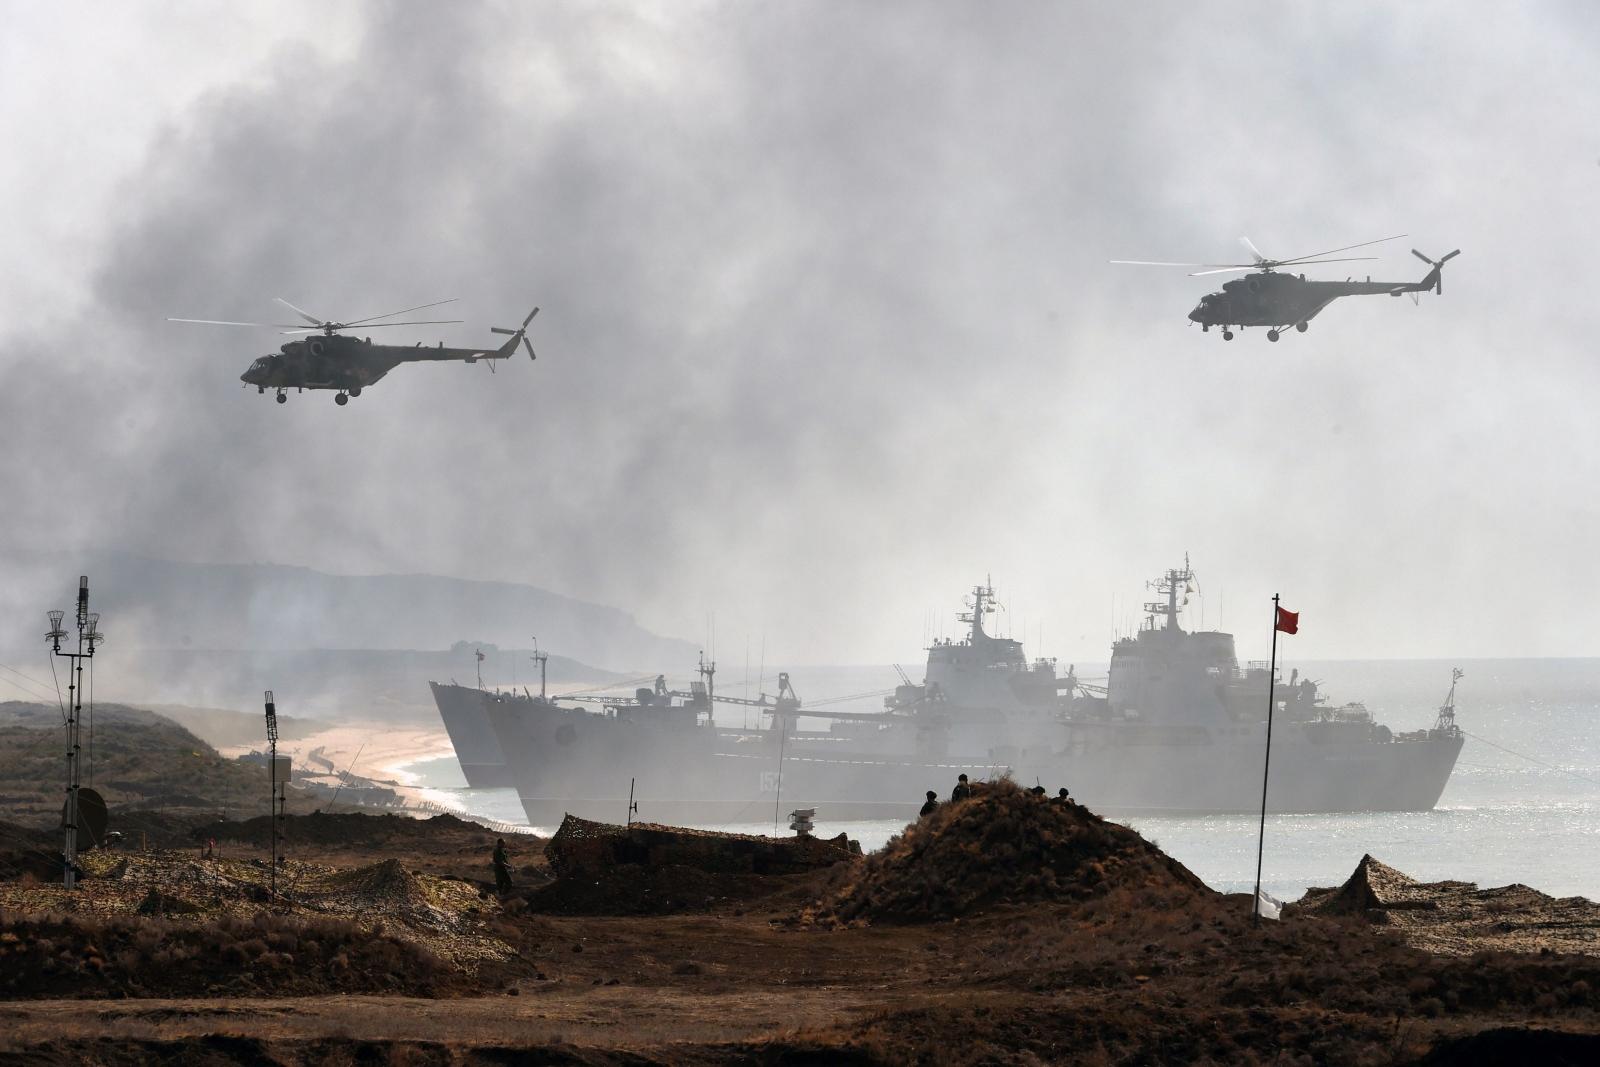 Russia Crimea crisis